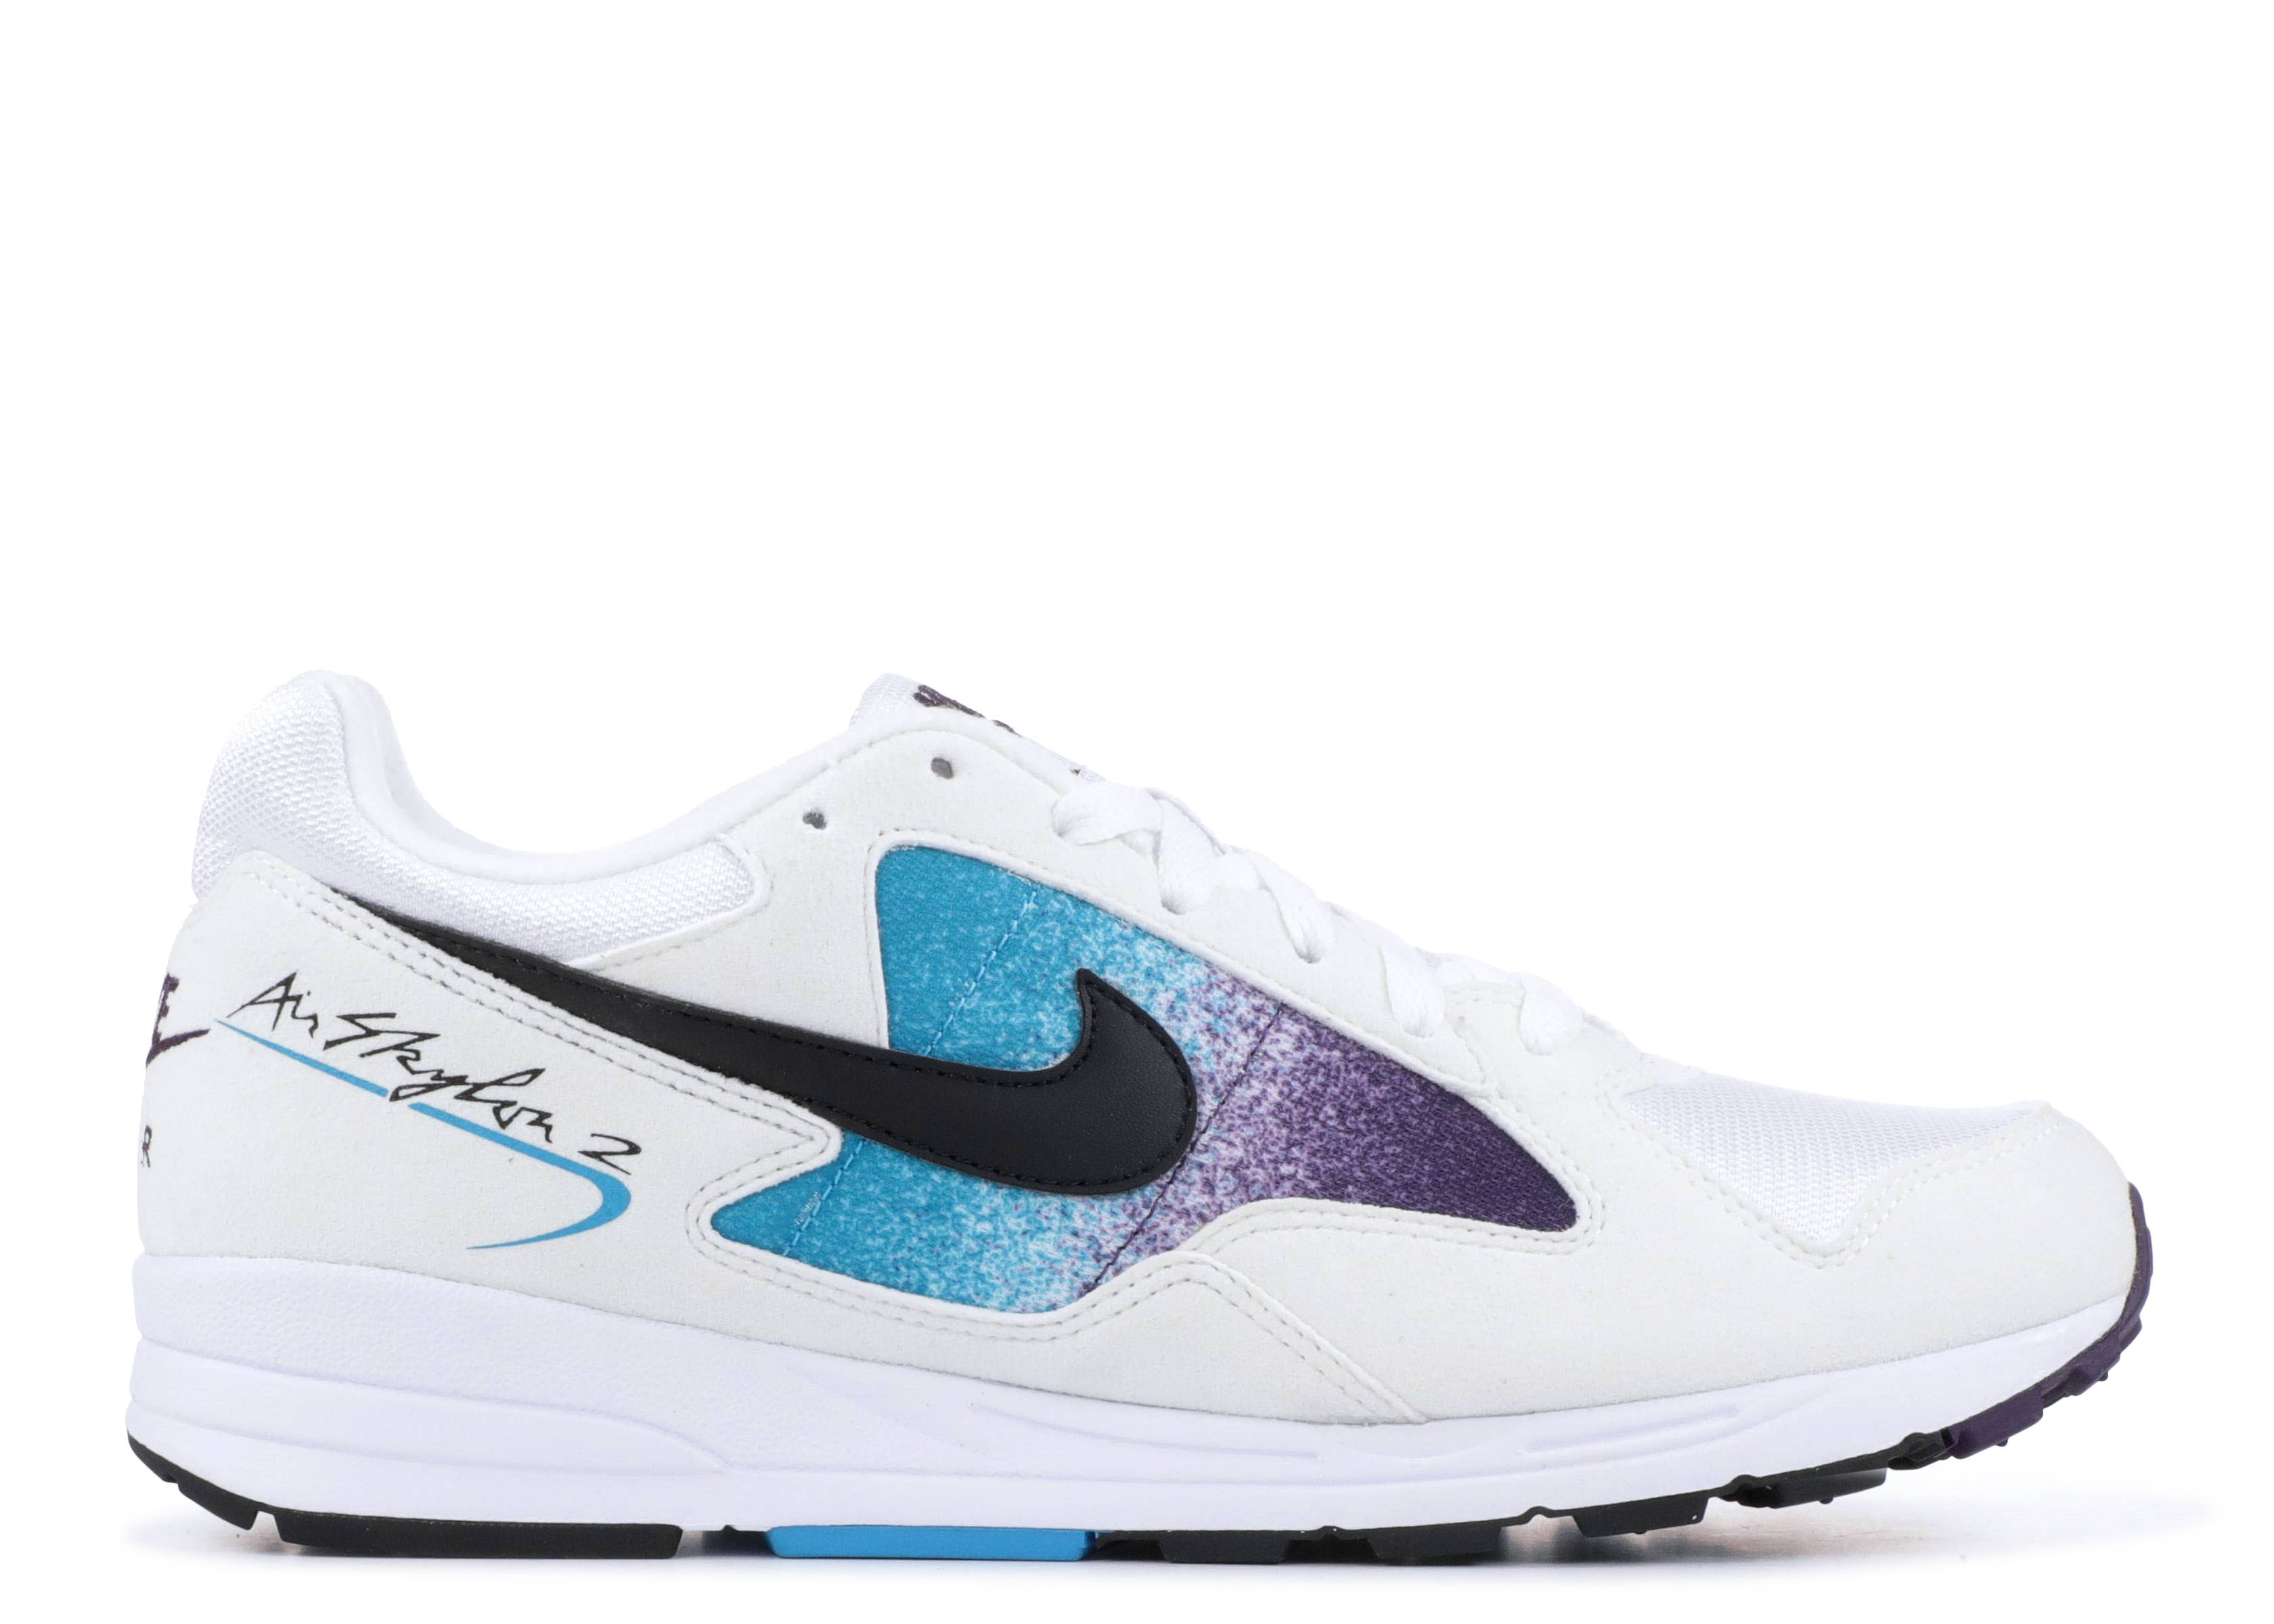 89b473d78def Nike Air Skylon II - Nike - AO1551 100 - white black-blue lagoon ...